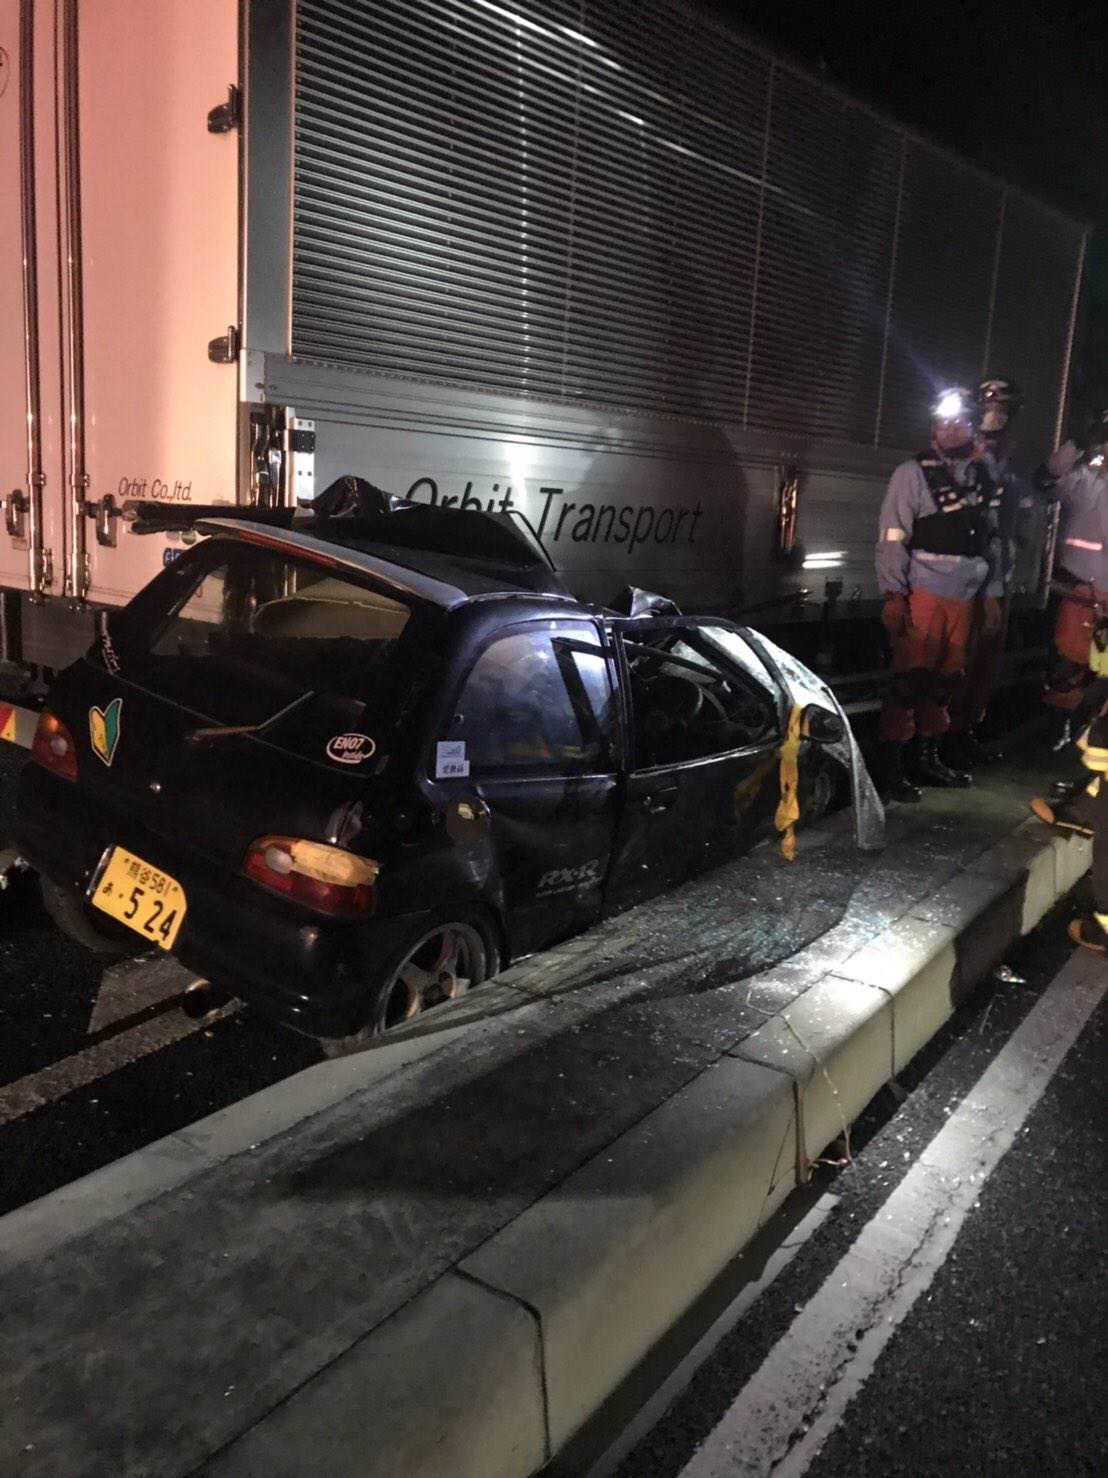 【画像】トラックにノーウィンカーで幅寄せされた軽スポーツカーが大破